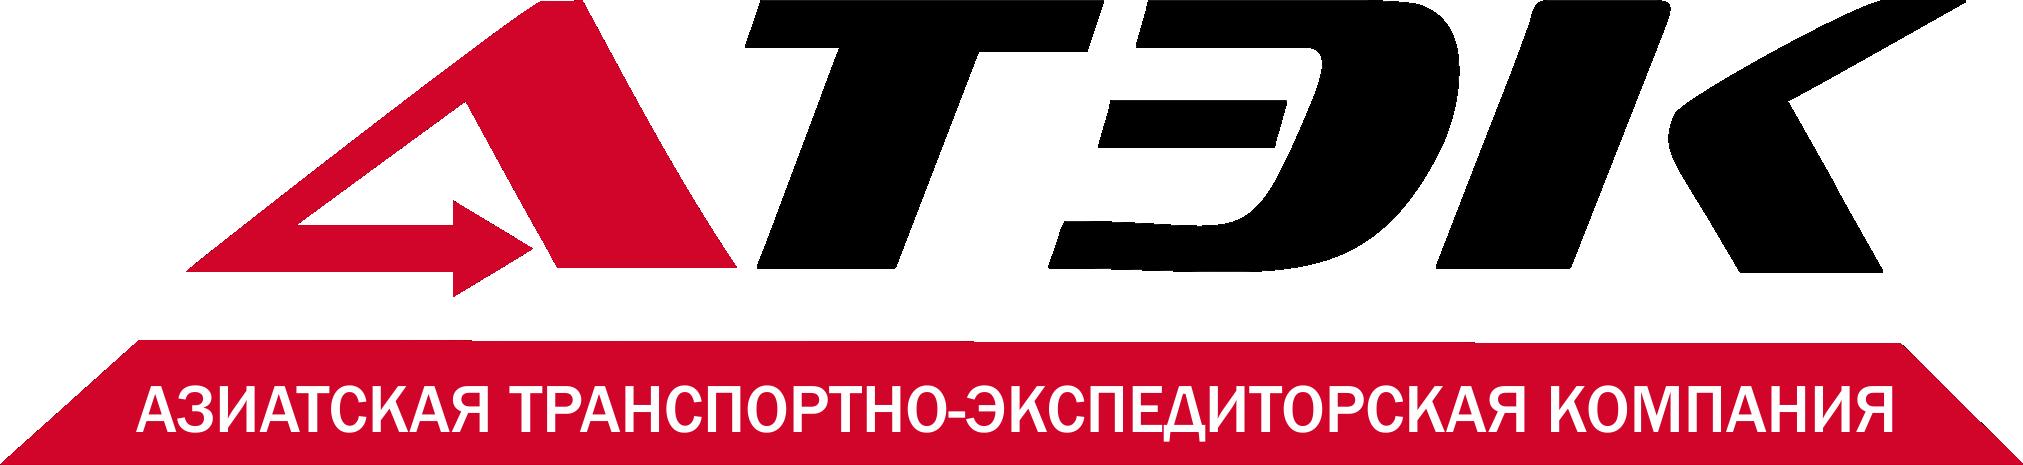 asiatek.ru